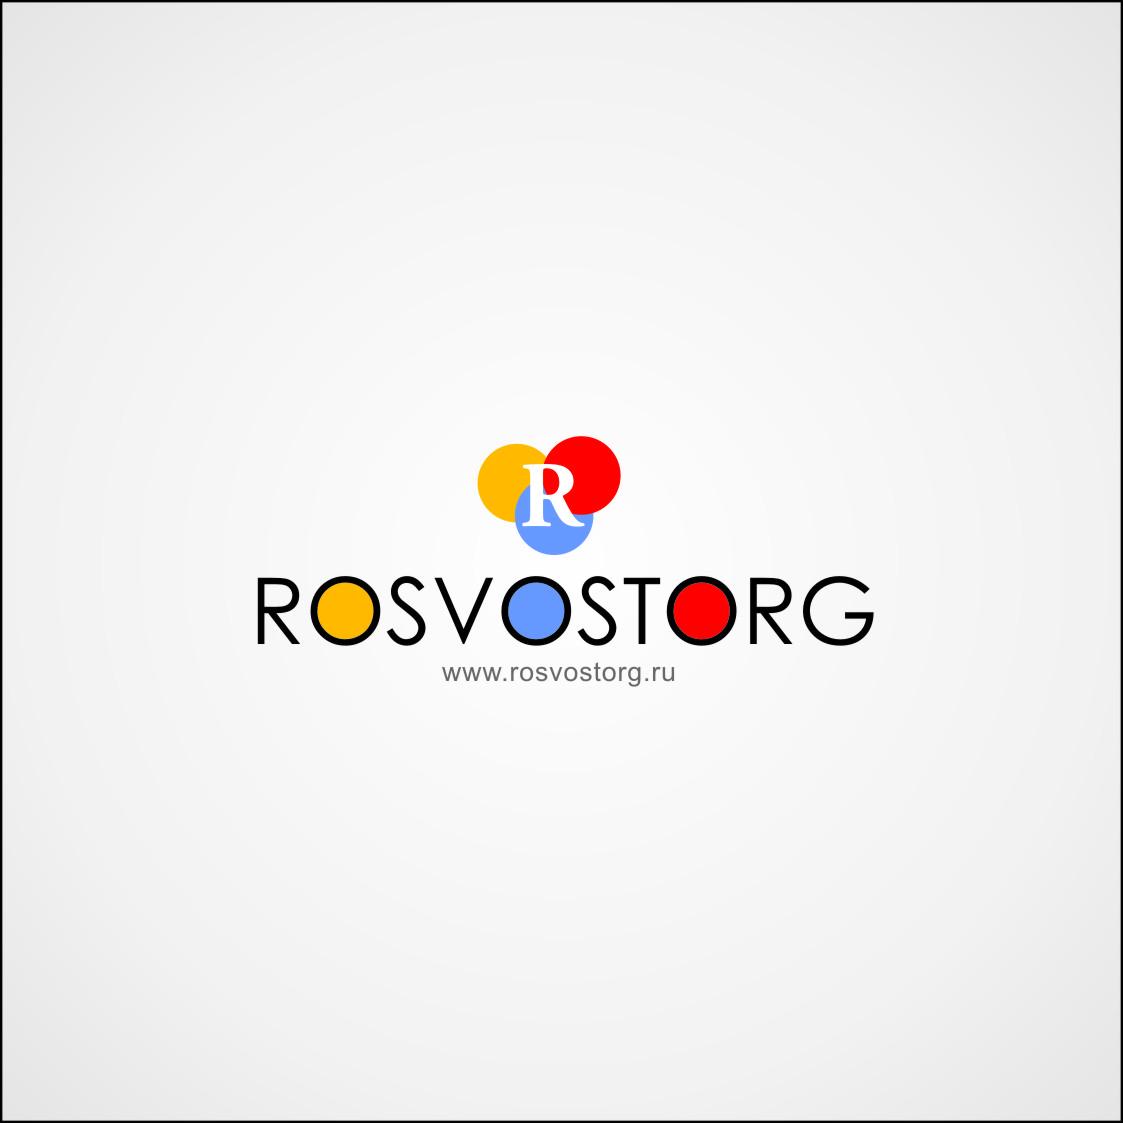 Логотип для компании Росвосторг. Интересные перспективы. фото f_4f86e79793be1.jpg